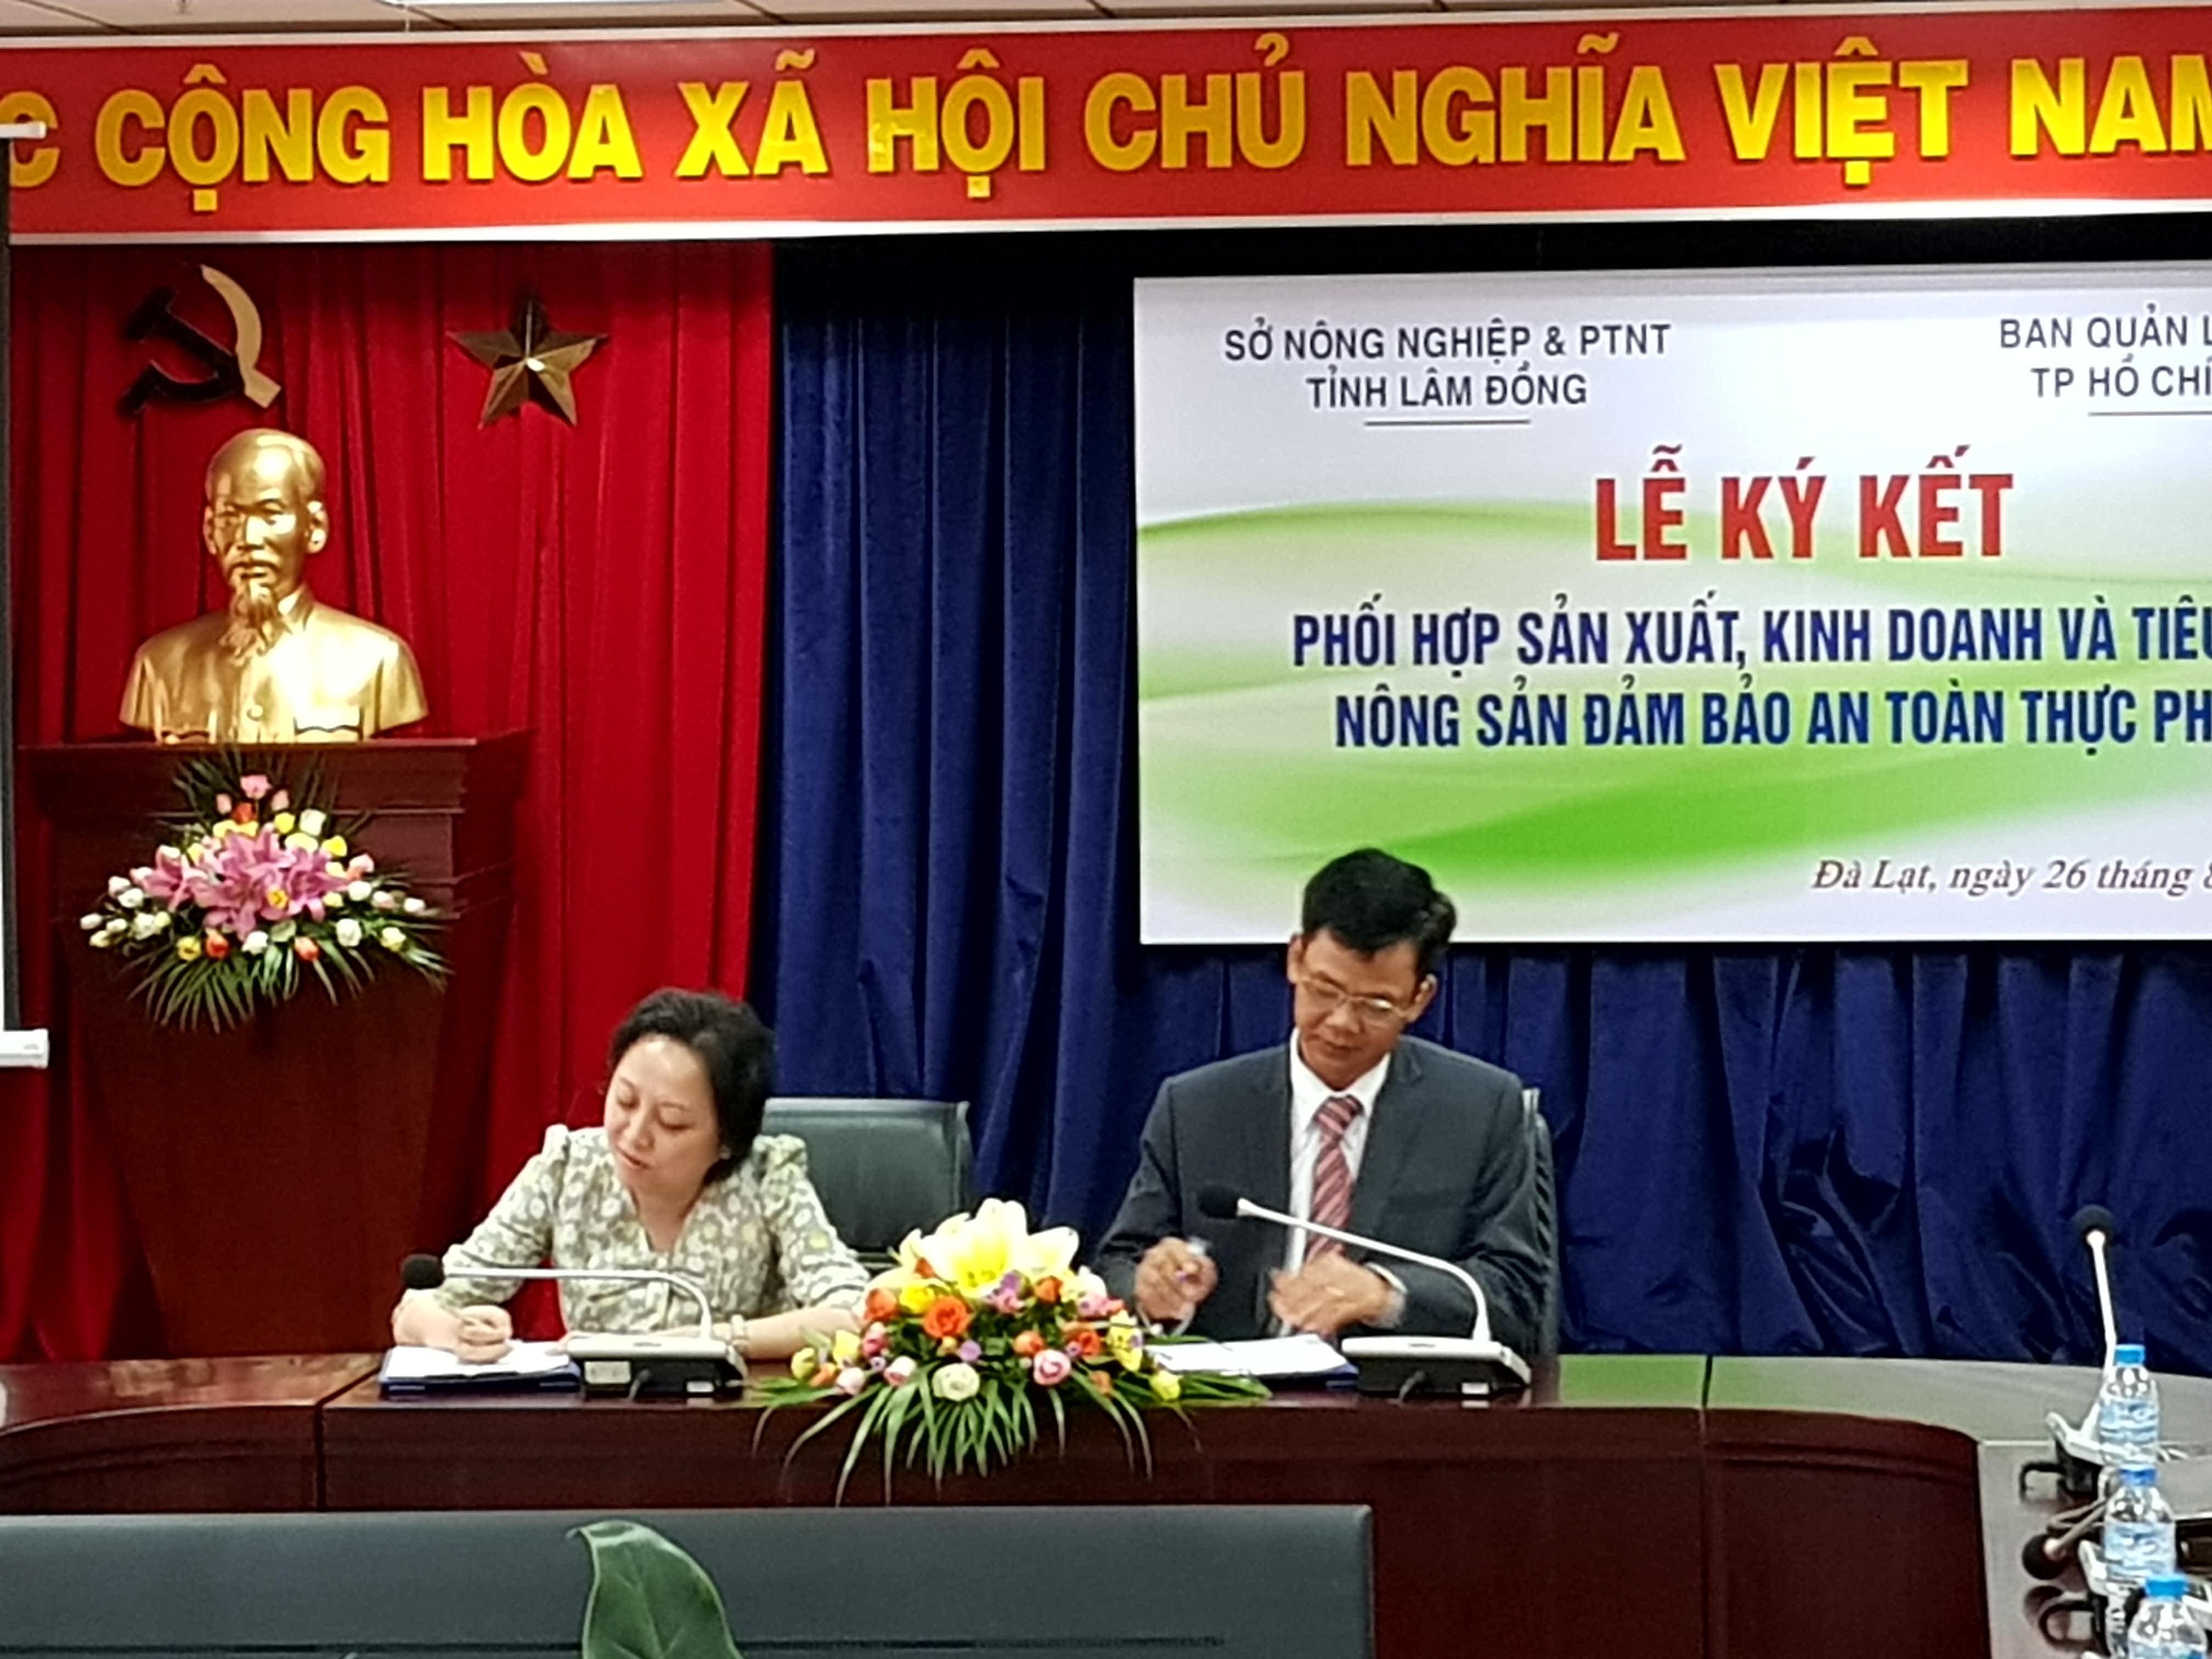 Chính trị - Xã hội - TP.HCM - Lâm Đồng 'bắt tay' sản xuất, tiêu thụ nông sản sạch